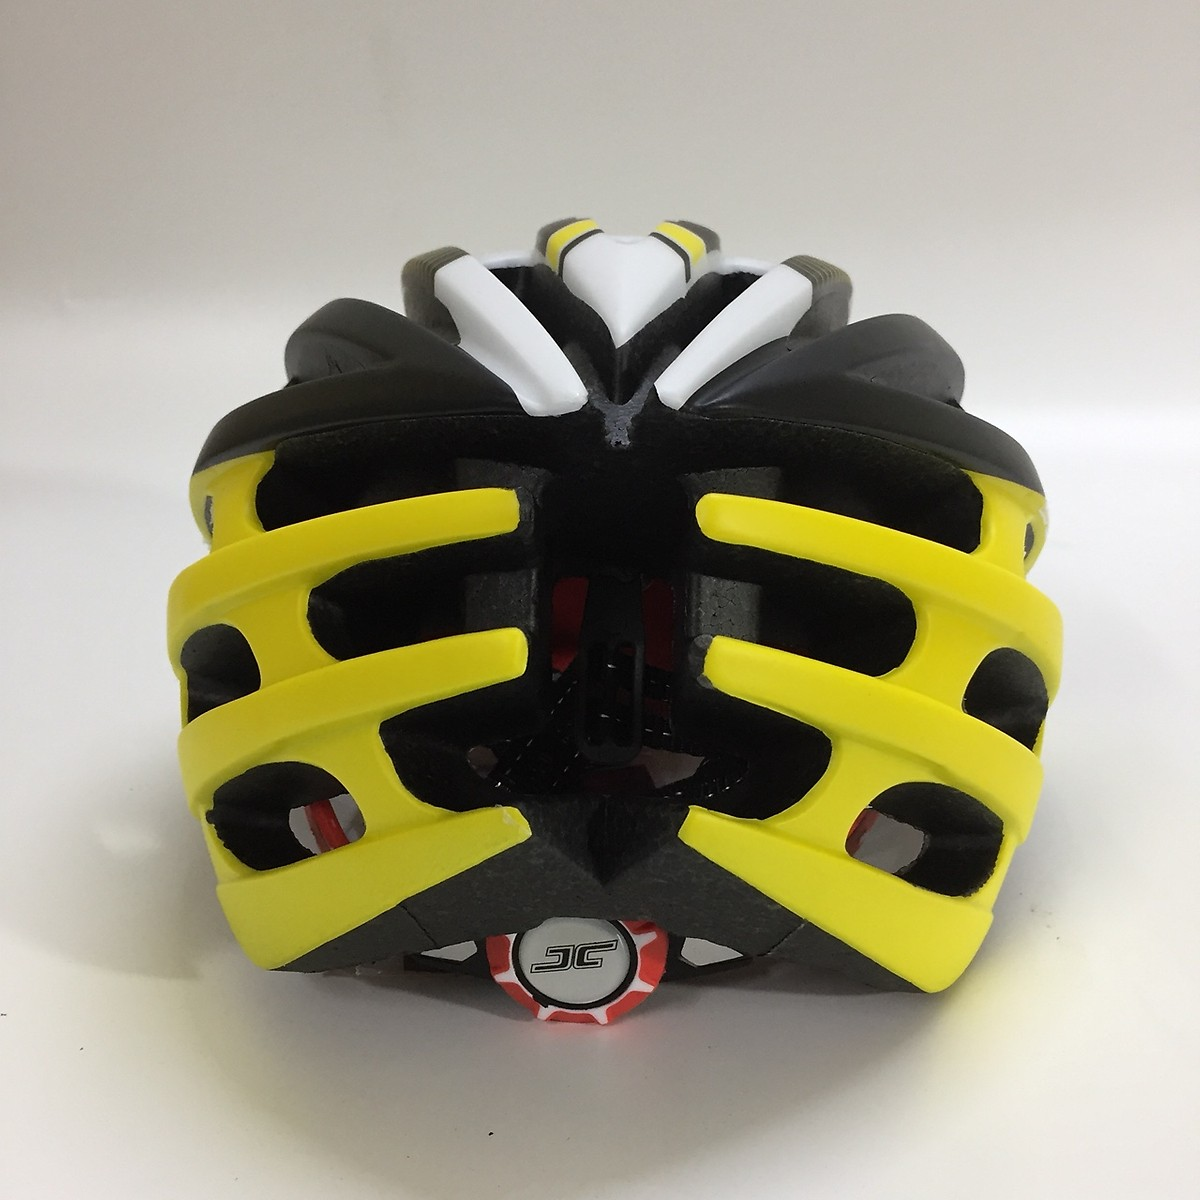 Mũ bảo hiểm xe đạp JC25